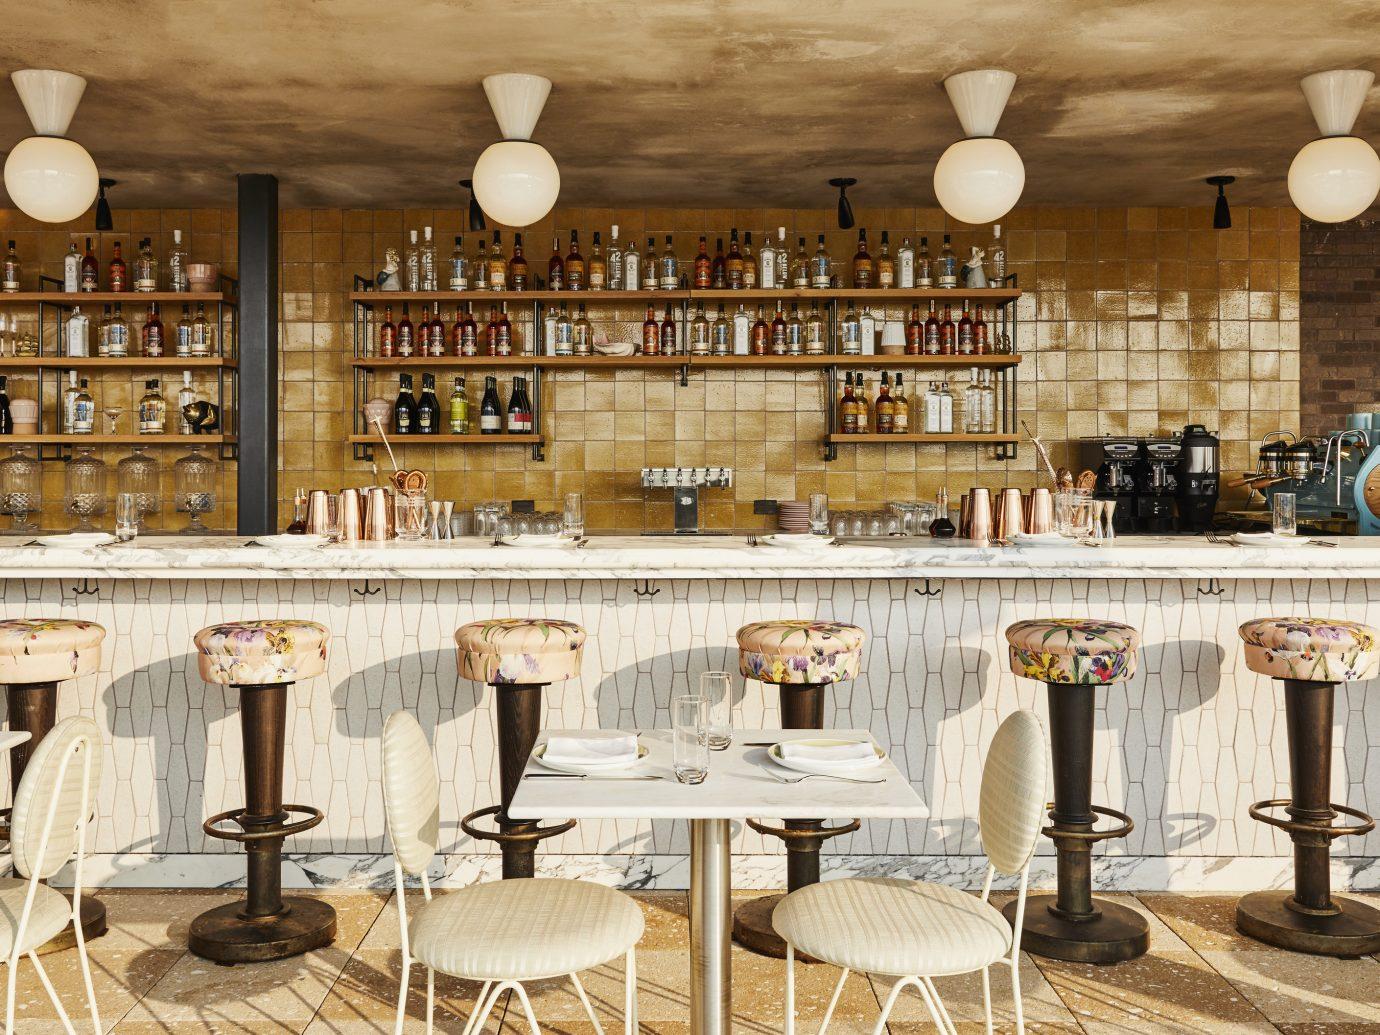 Summerly bar at The Hoxton Williamsburg